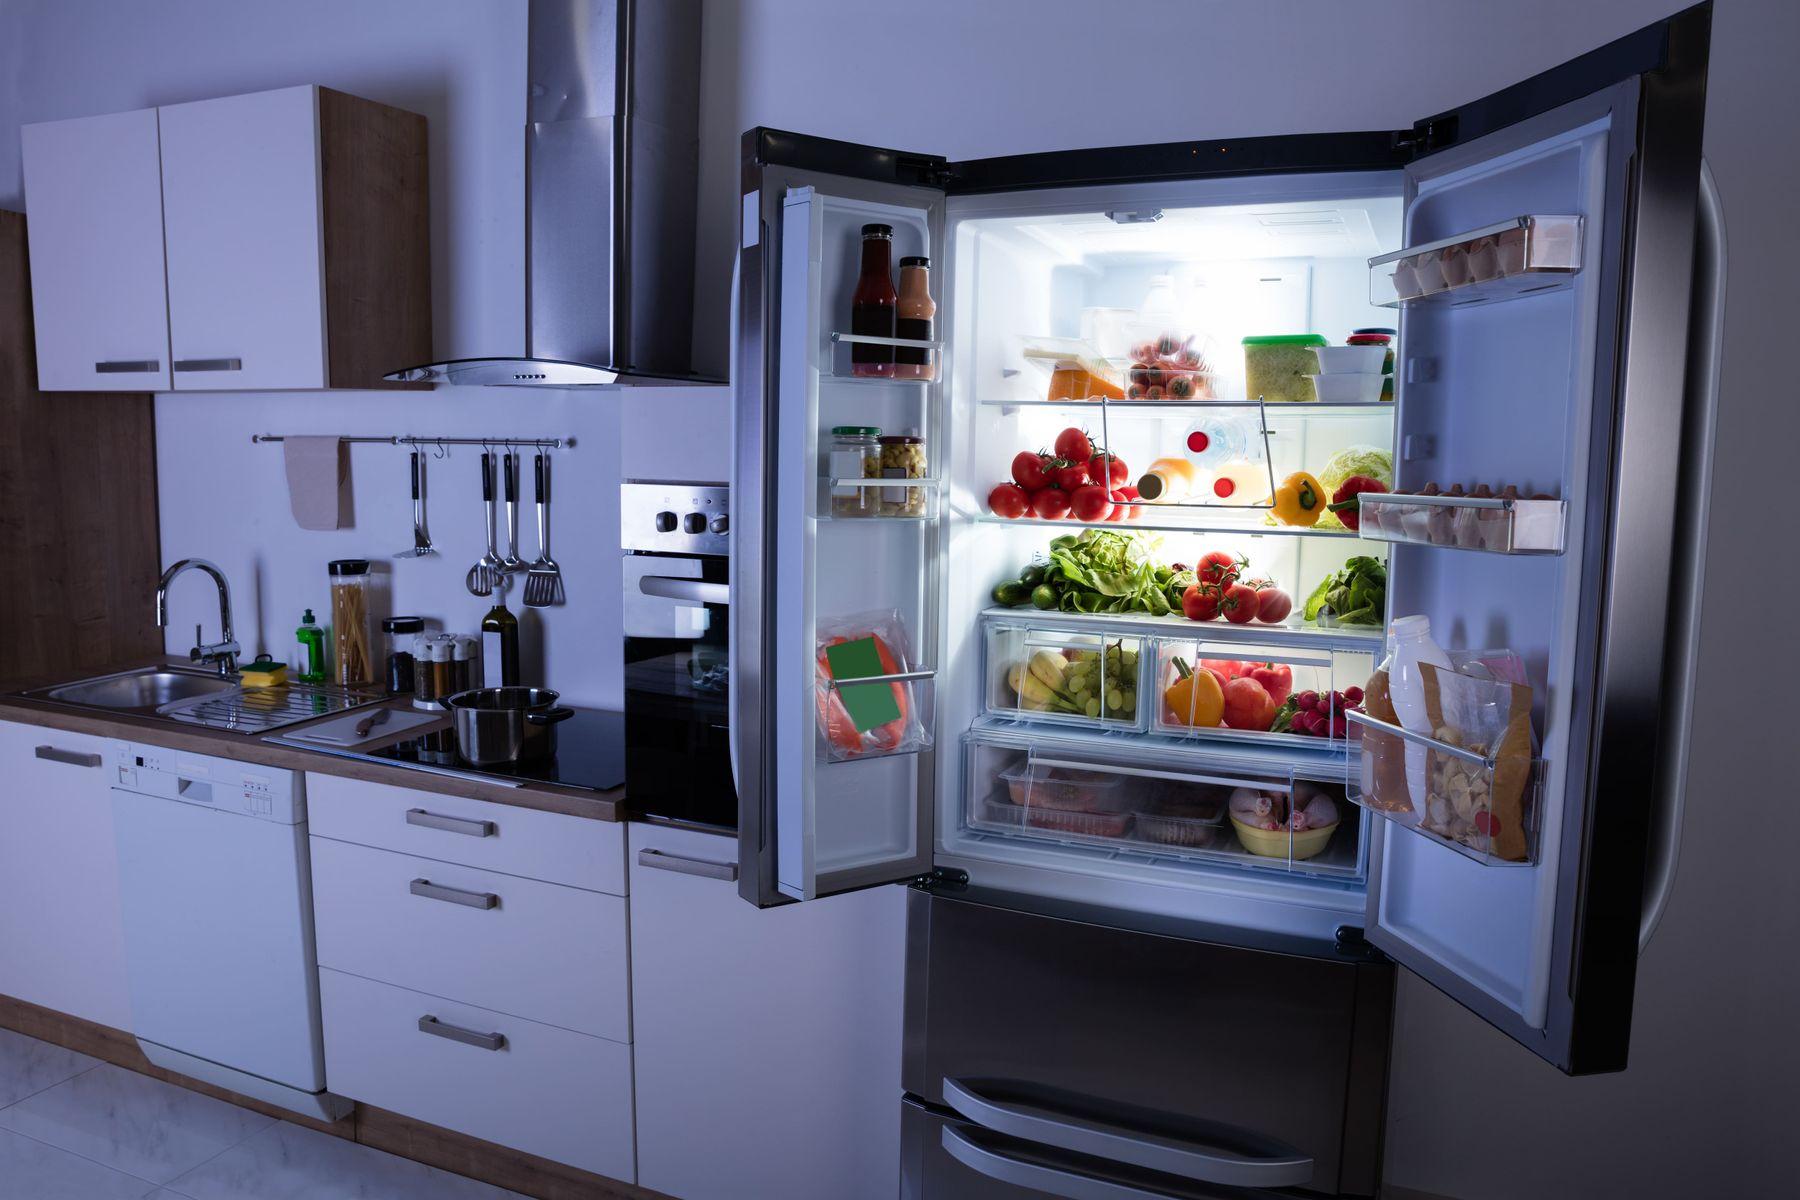 sắp xếp nhà bếp theo phong thủy cần lưu ý nơi đặt tủ lạnh